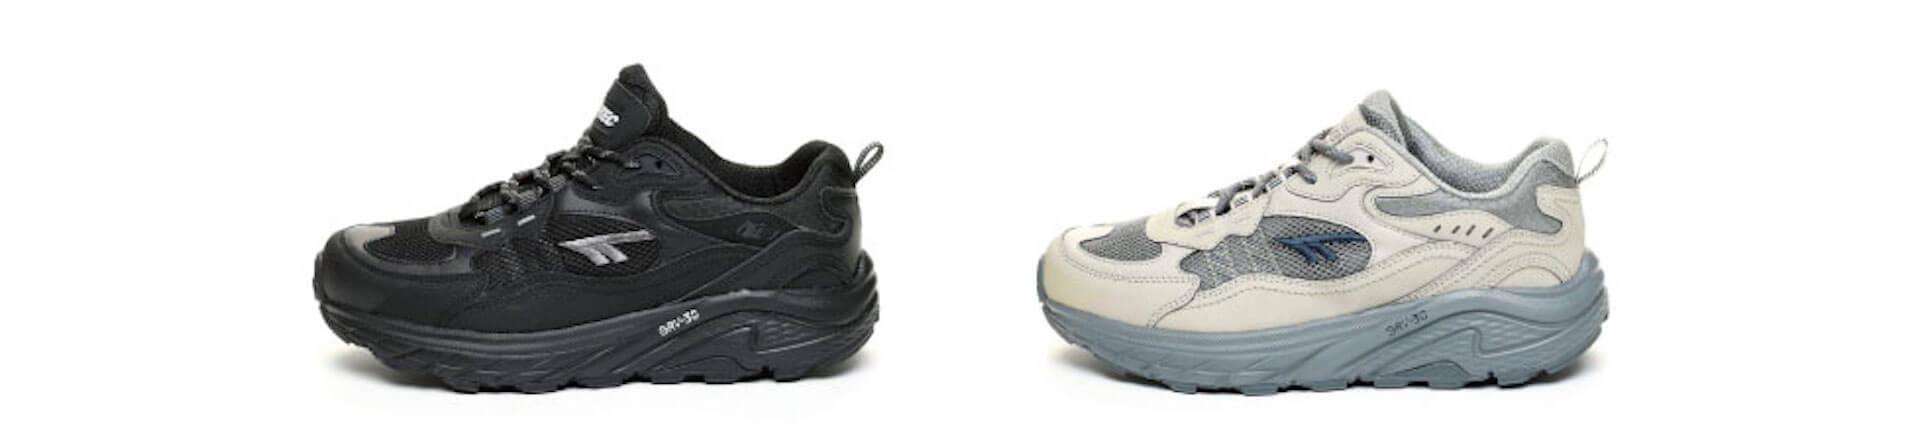 「ハイクからタウンまで」をコンセプトにしたHI-TECのスニーカー・HIKEシリーズから新アイテムが登場! fashion210805_hike-02